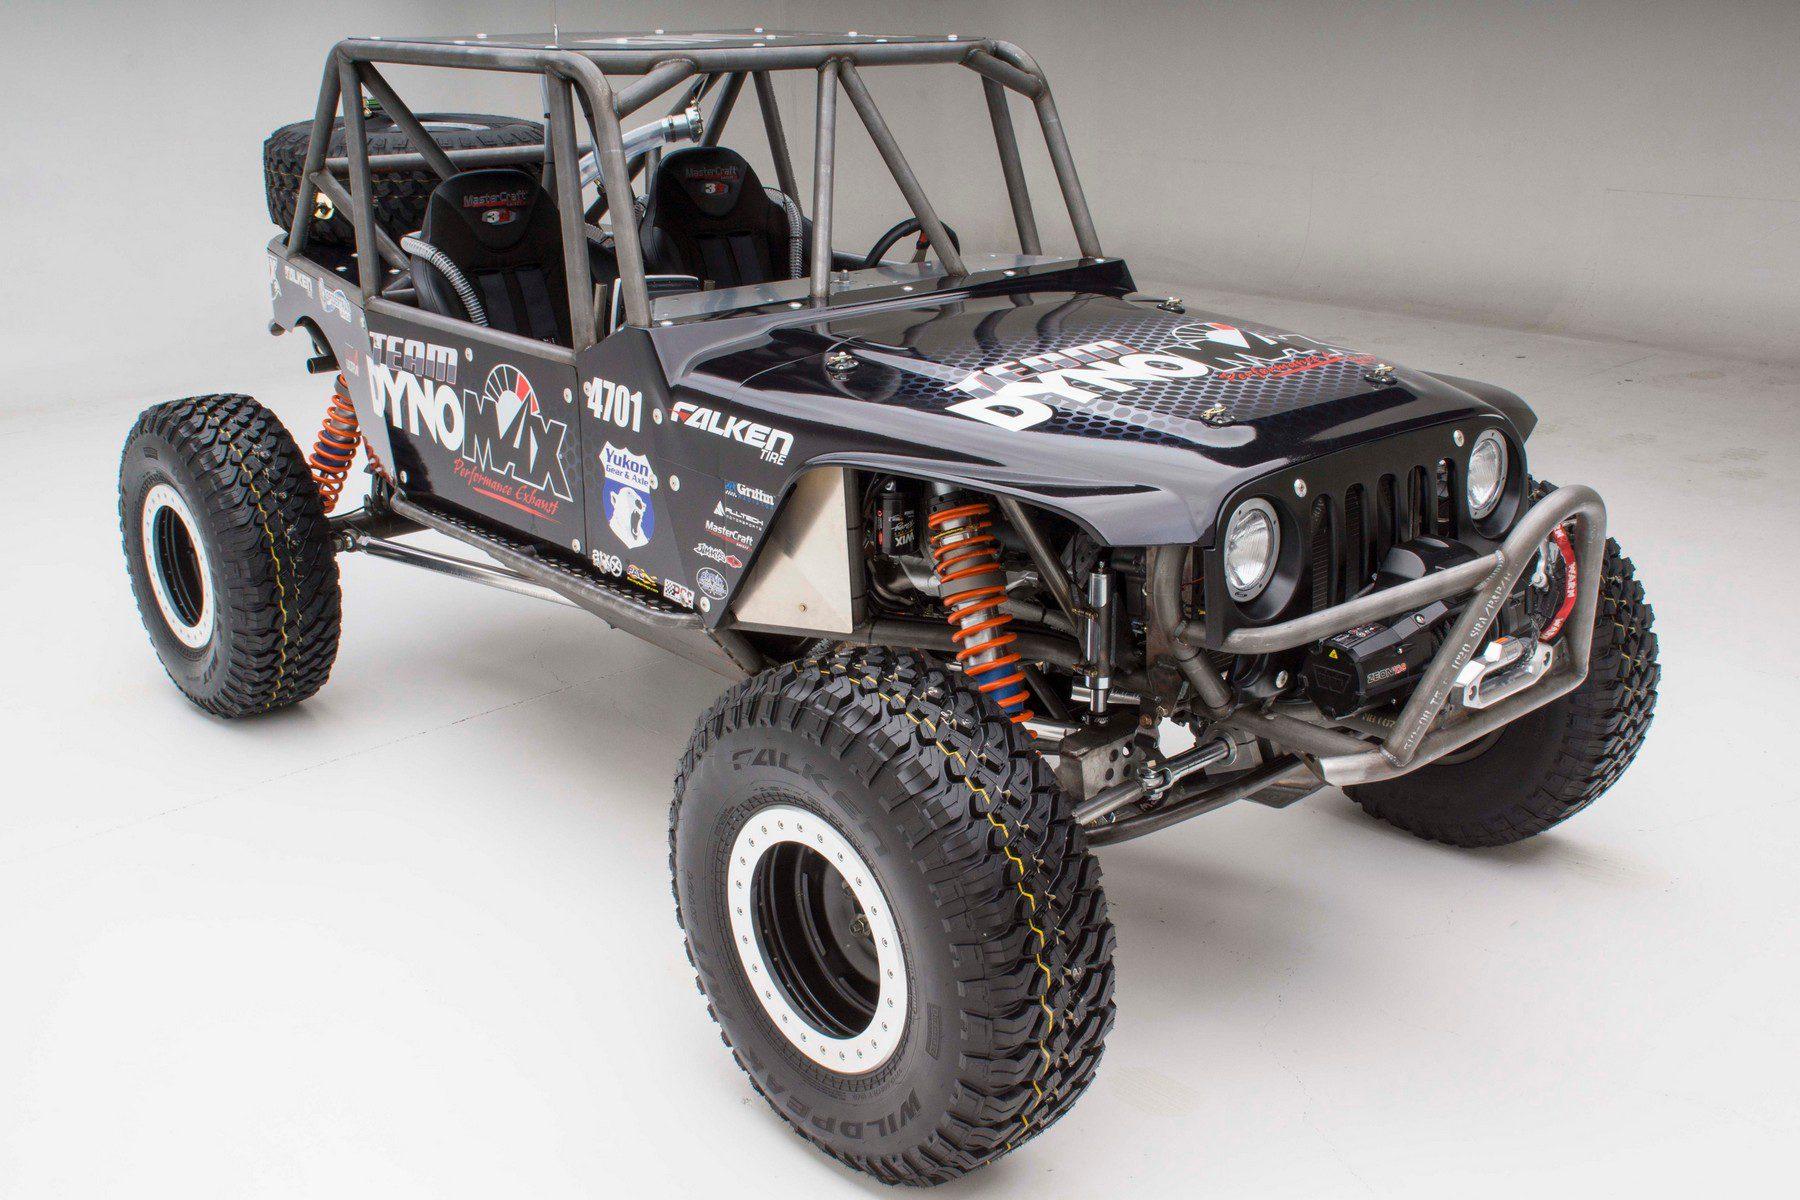 Jeep Mopar V8 King of Hammers